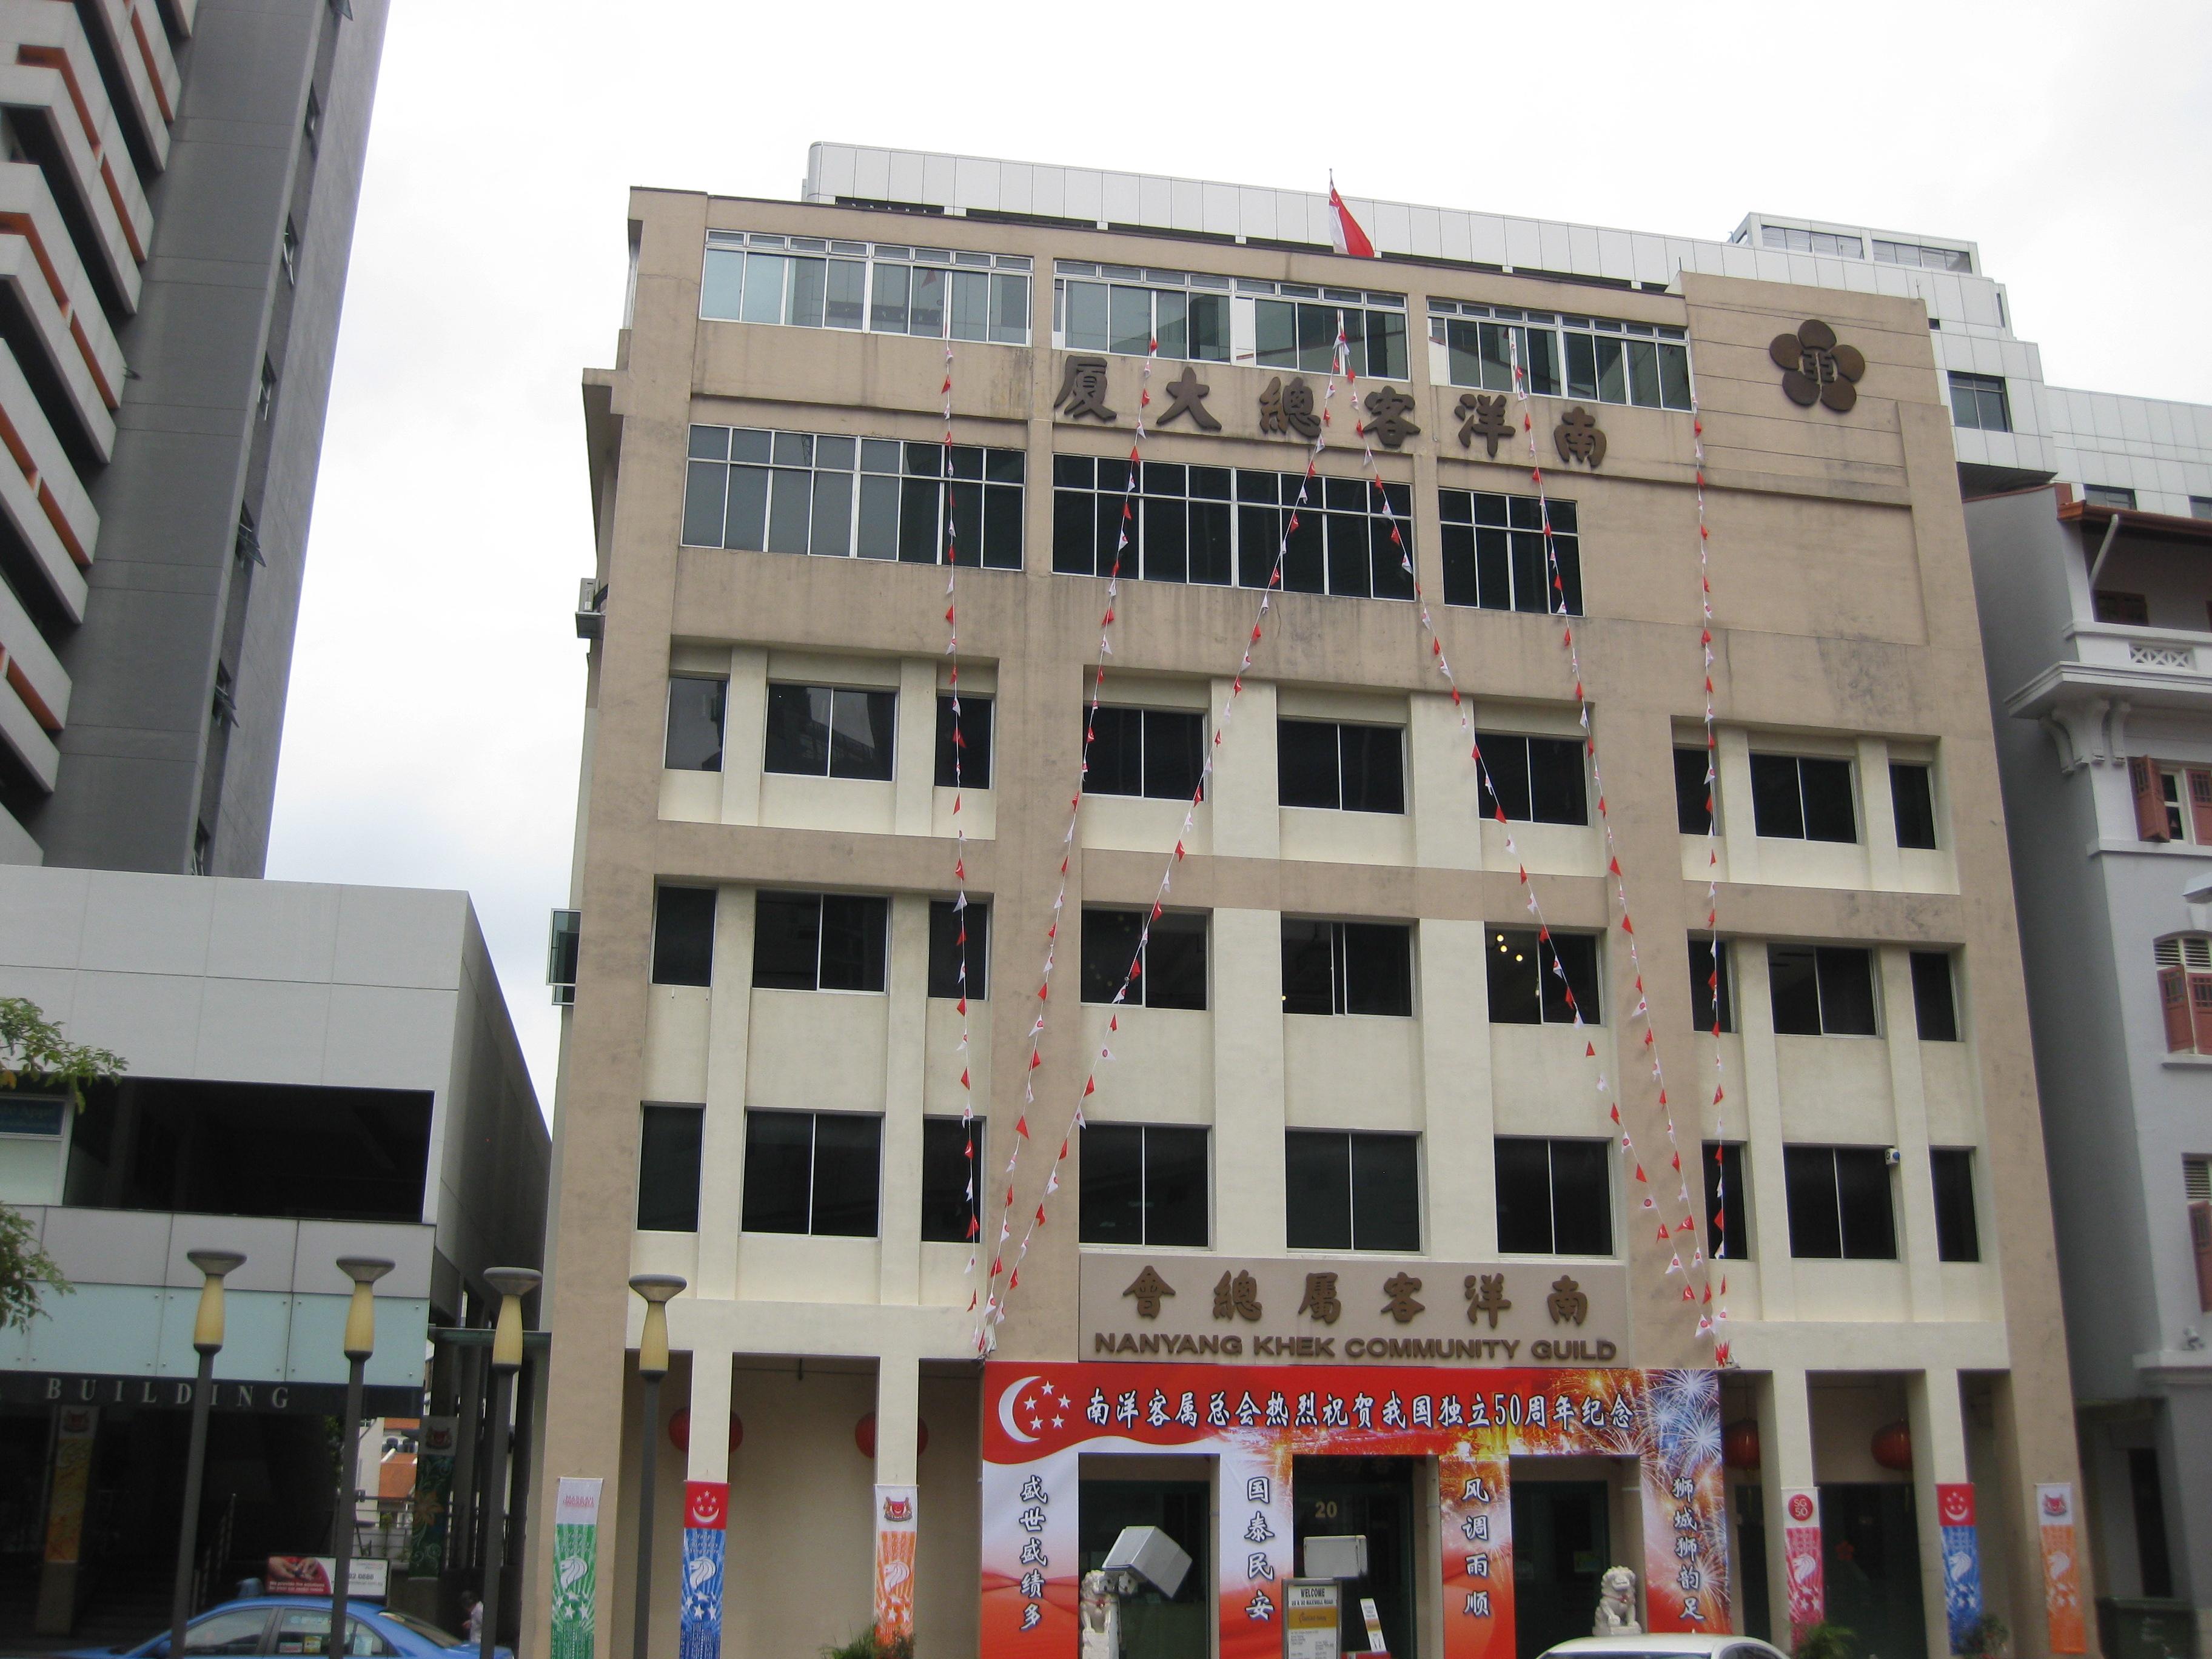 新加坡建国50周年暨南洋客属总会成立86周年纪念